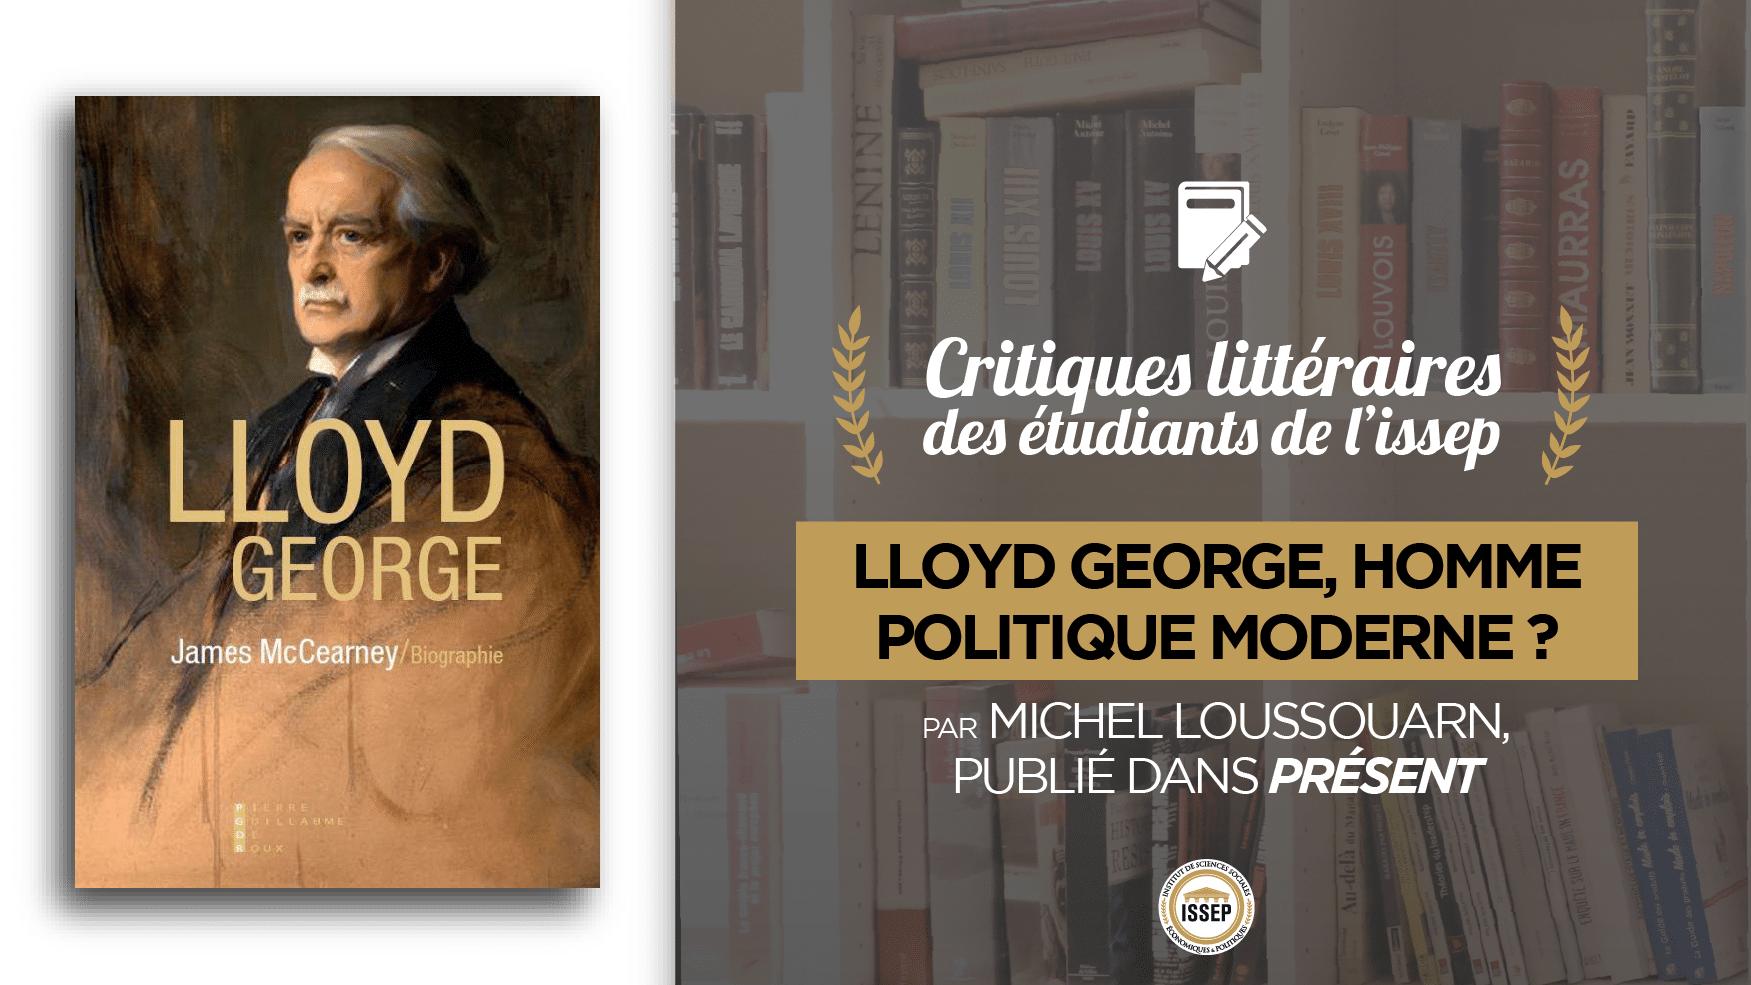 """Critique littéraire de """"David Lloyd George"""" par Michel Loussouarn, étudiant de l'ISSEP publié dans Présent"""